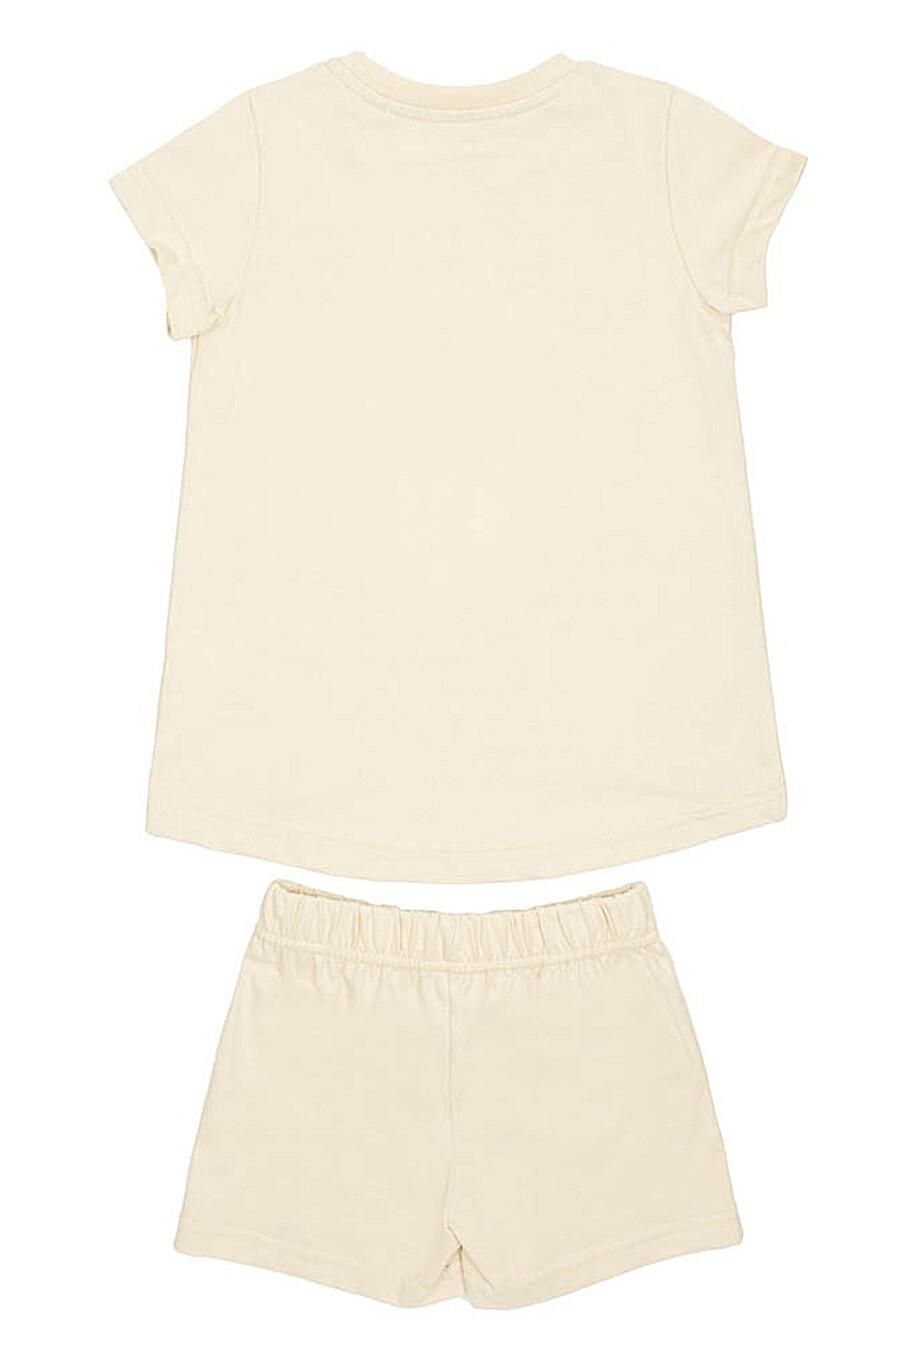 Костюм(Футболка+Шорты) для девочек BODO 289869 купить оптом от производителя. Совместная покупка детской одежды в OptMoyo